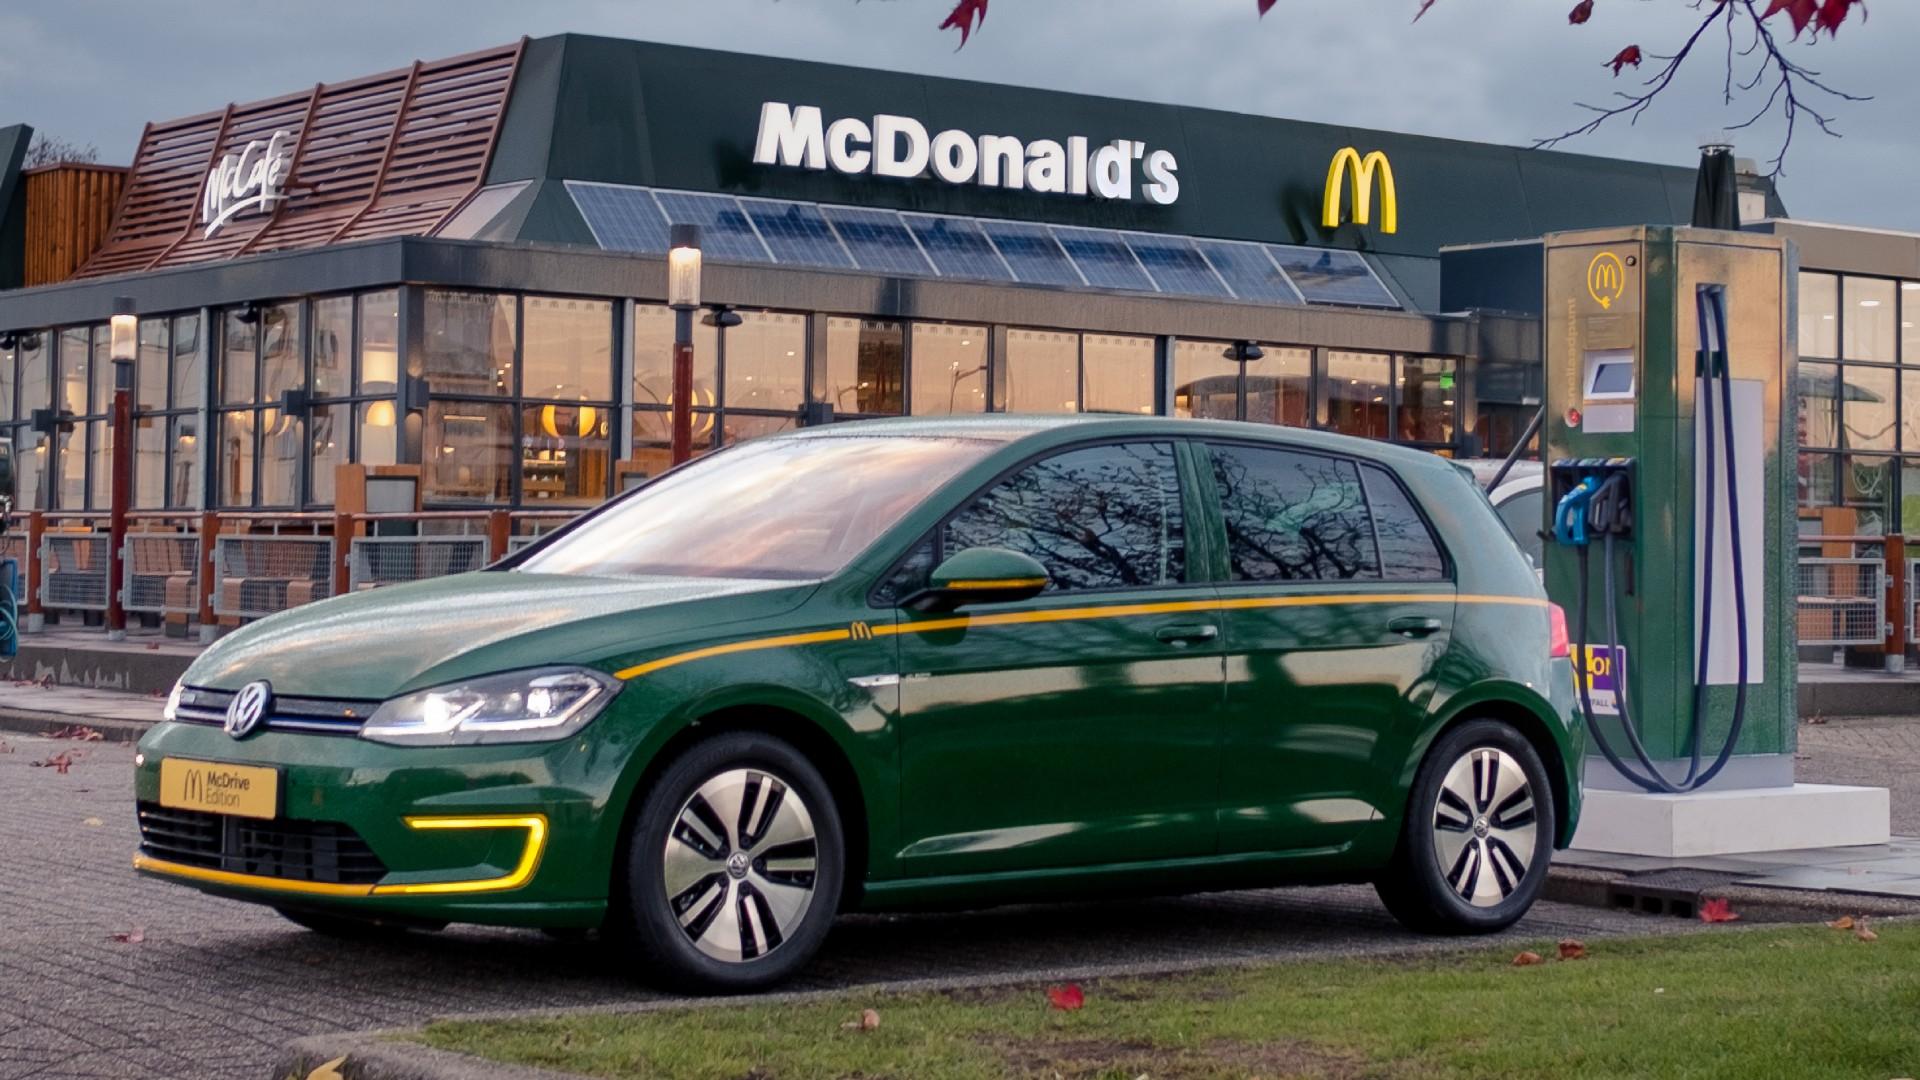 Volkswagen E Golf Kleuren.Opbrengst Volkswagen E Golf Mcdrive Edition Gaat Naar Goed